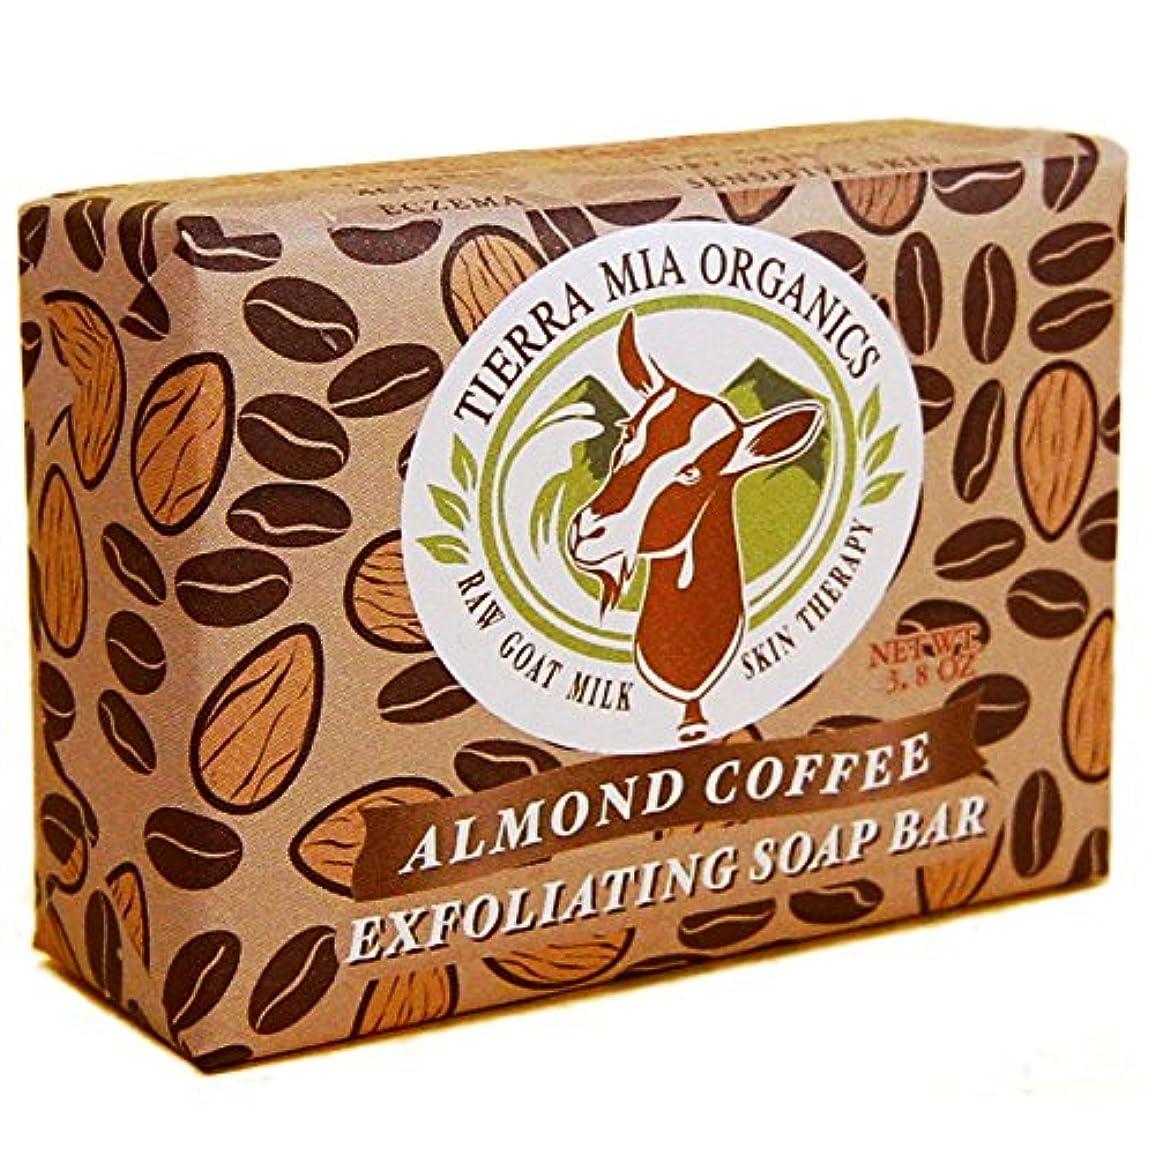 鳥宗教的な結婚するTierra Mia Organics, Raw Goat Milk Skin Therapy, Exfoliating Soap Bar, Almond Coffee, 3.8 oz